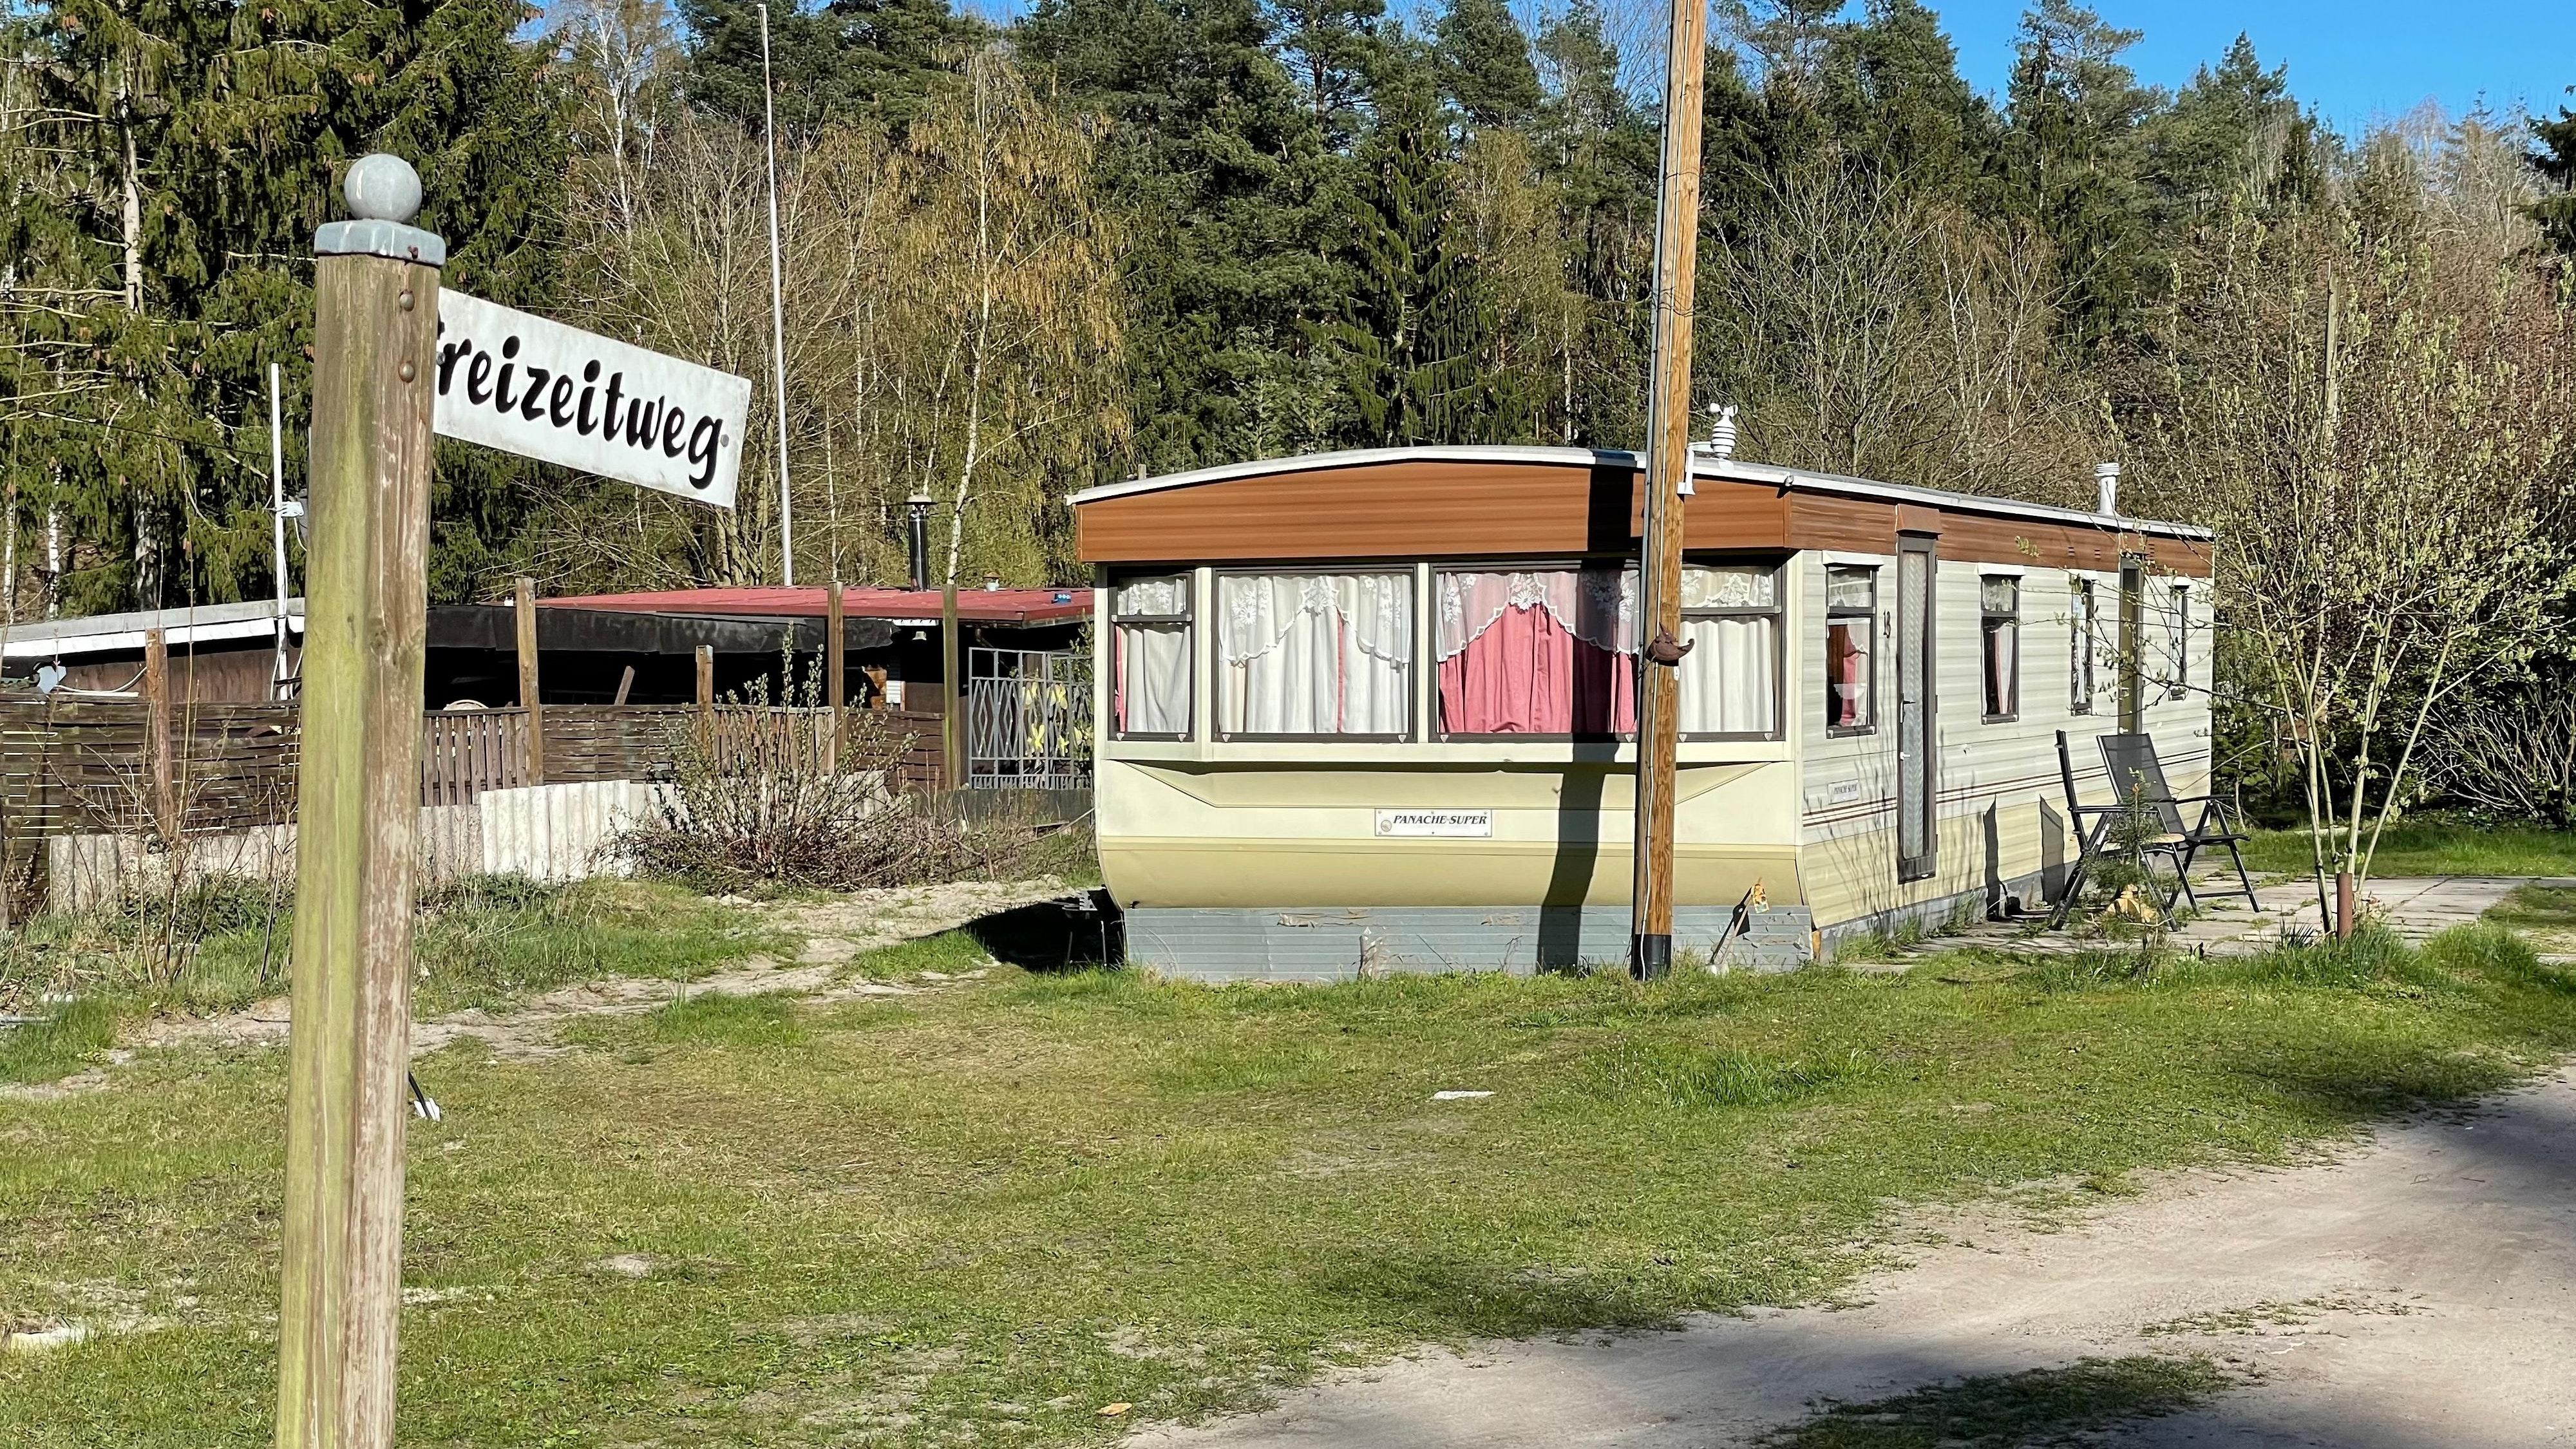 Idylle sieht anders aus: Wohnverhältnisse auf einem Campingplatz in Endel, wo viele Arbeitsmigranten leben. Foto: M. Niehues